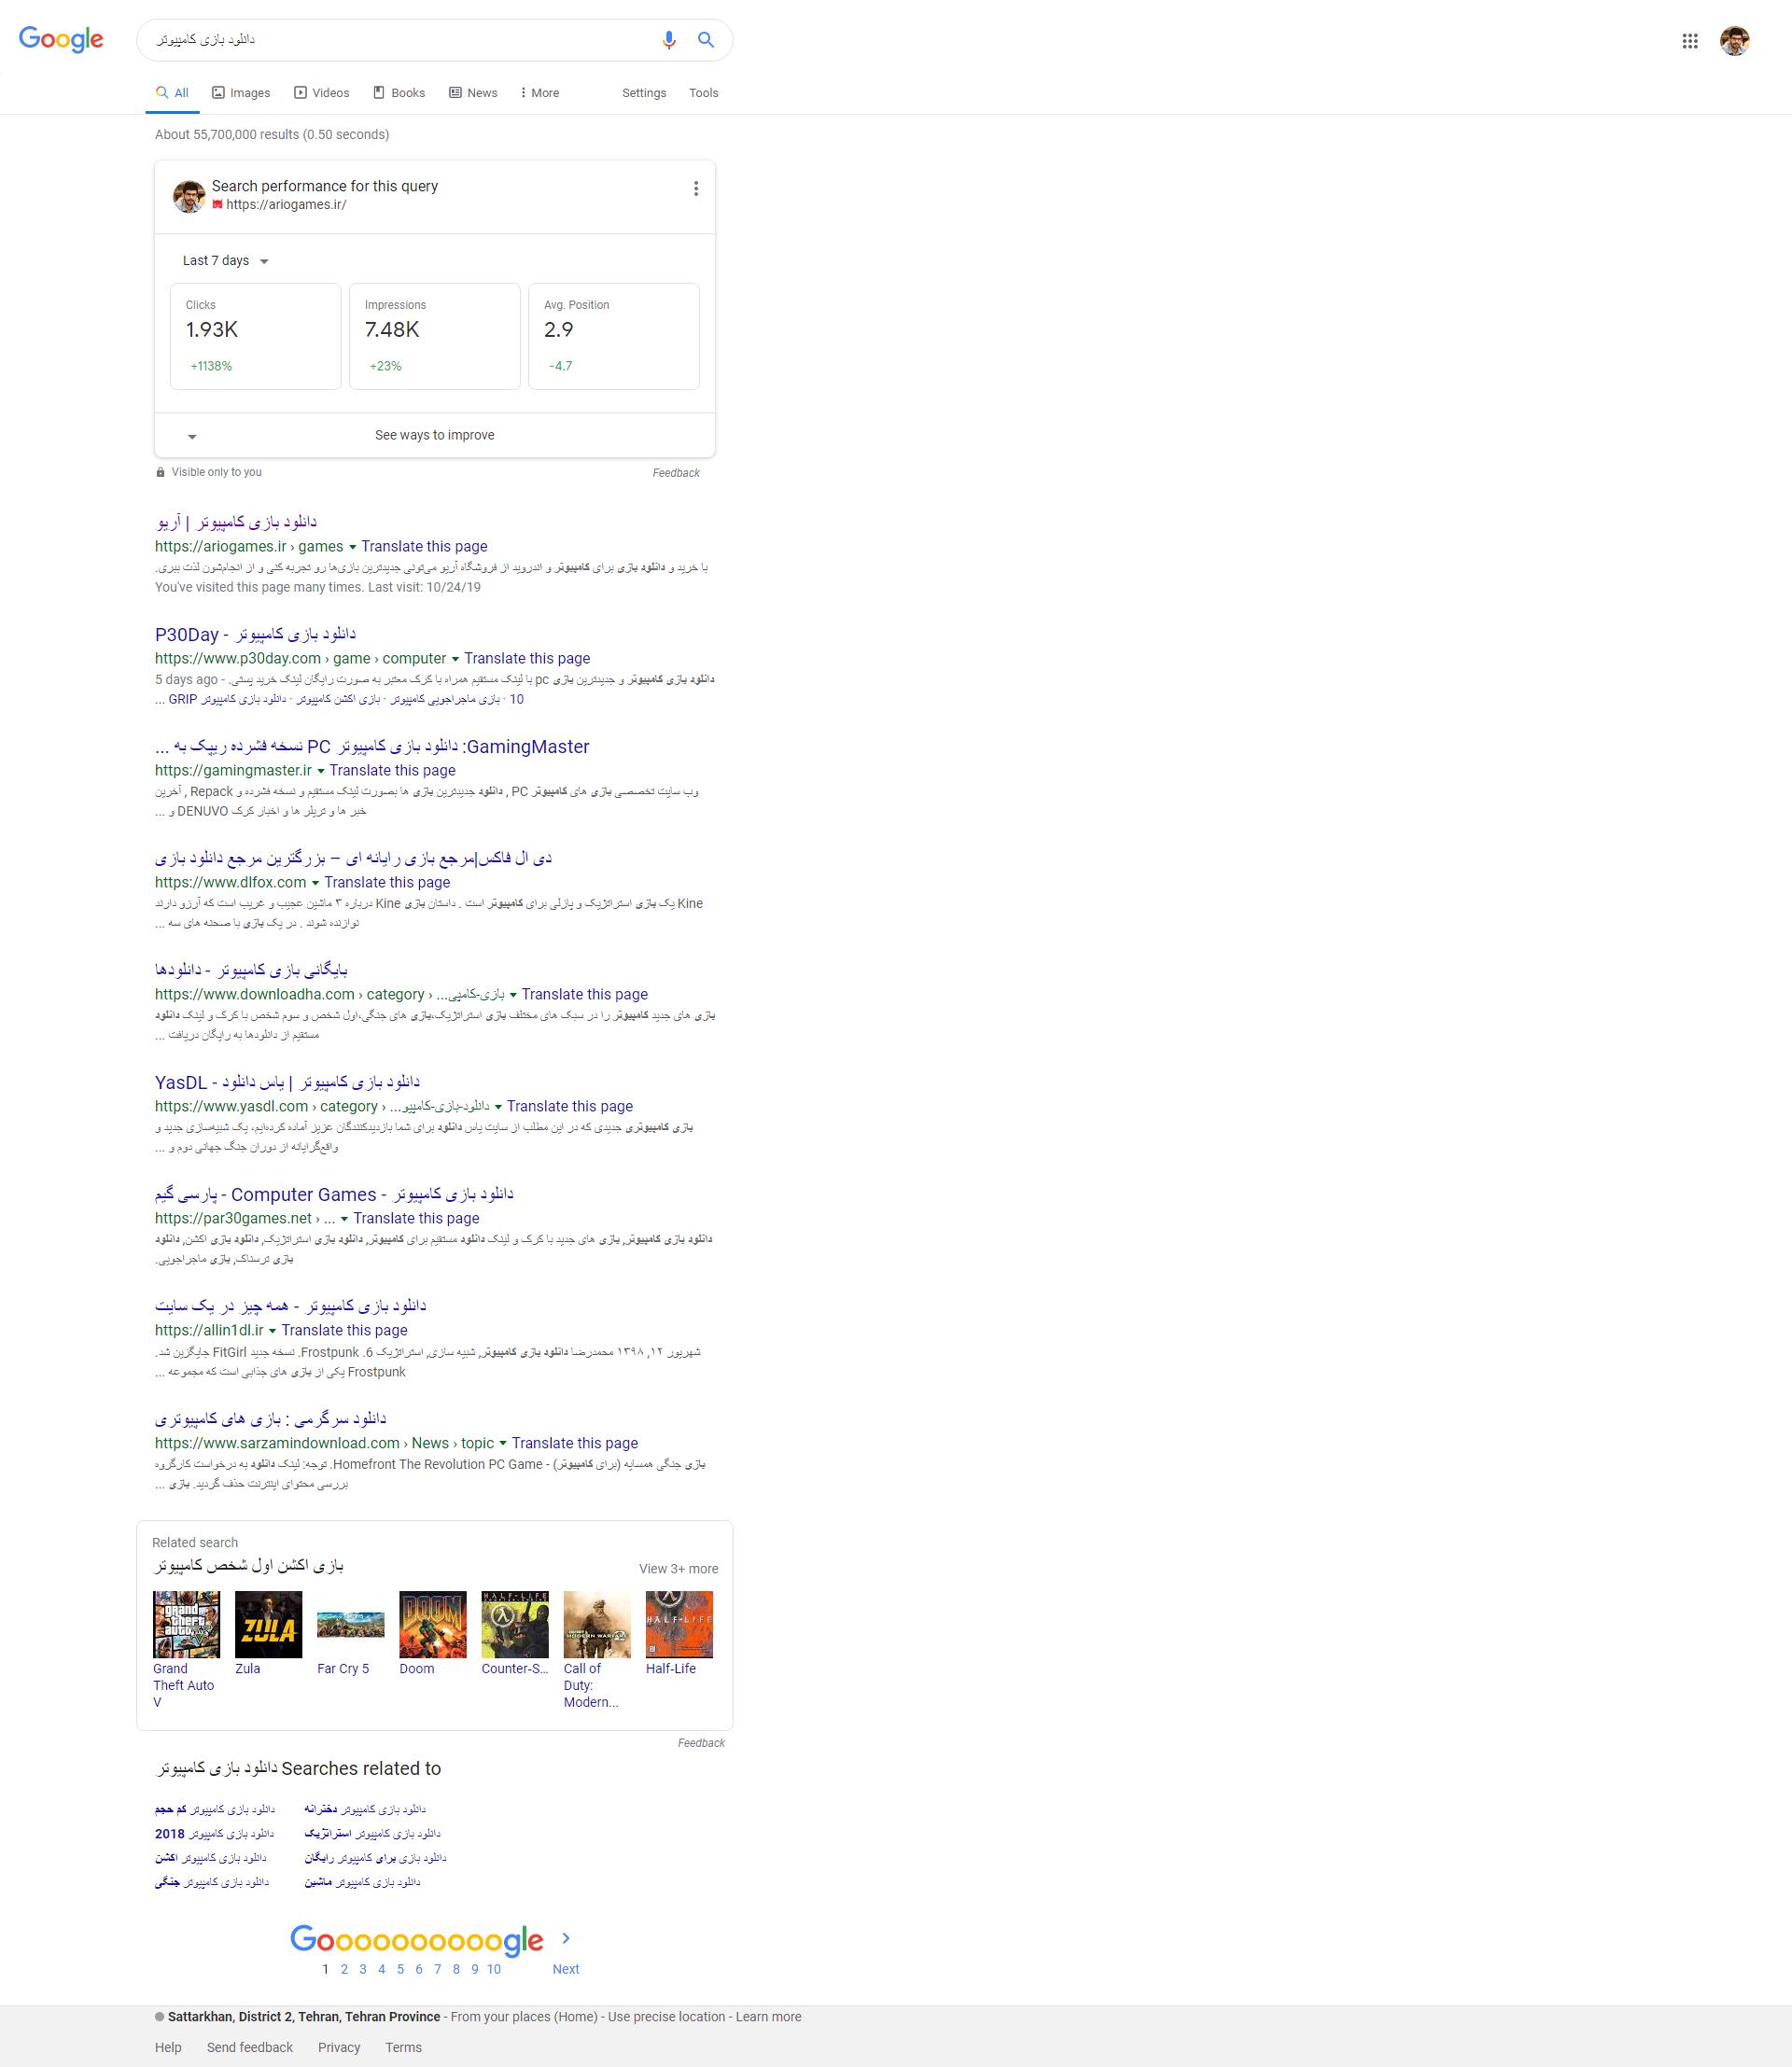 نمایش آریو در رتبه 1 صفحه نتایج در کلمه کلیدی دانلود بازی کامپیوتر به تاریخ 5 آبان